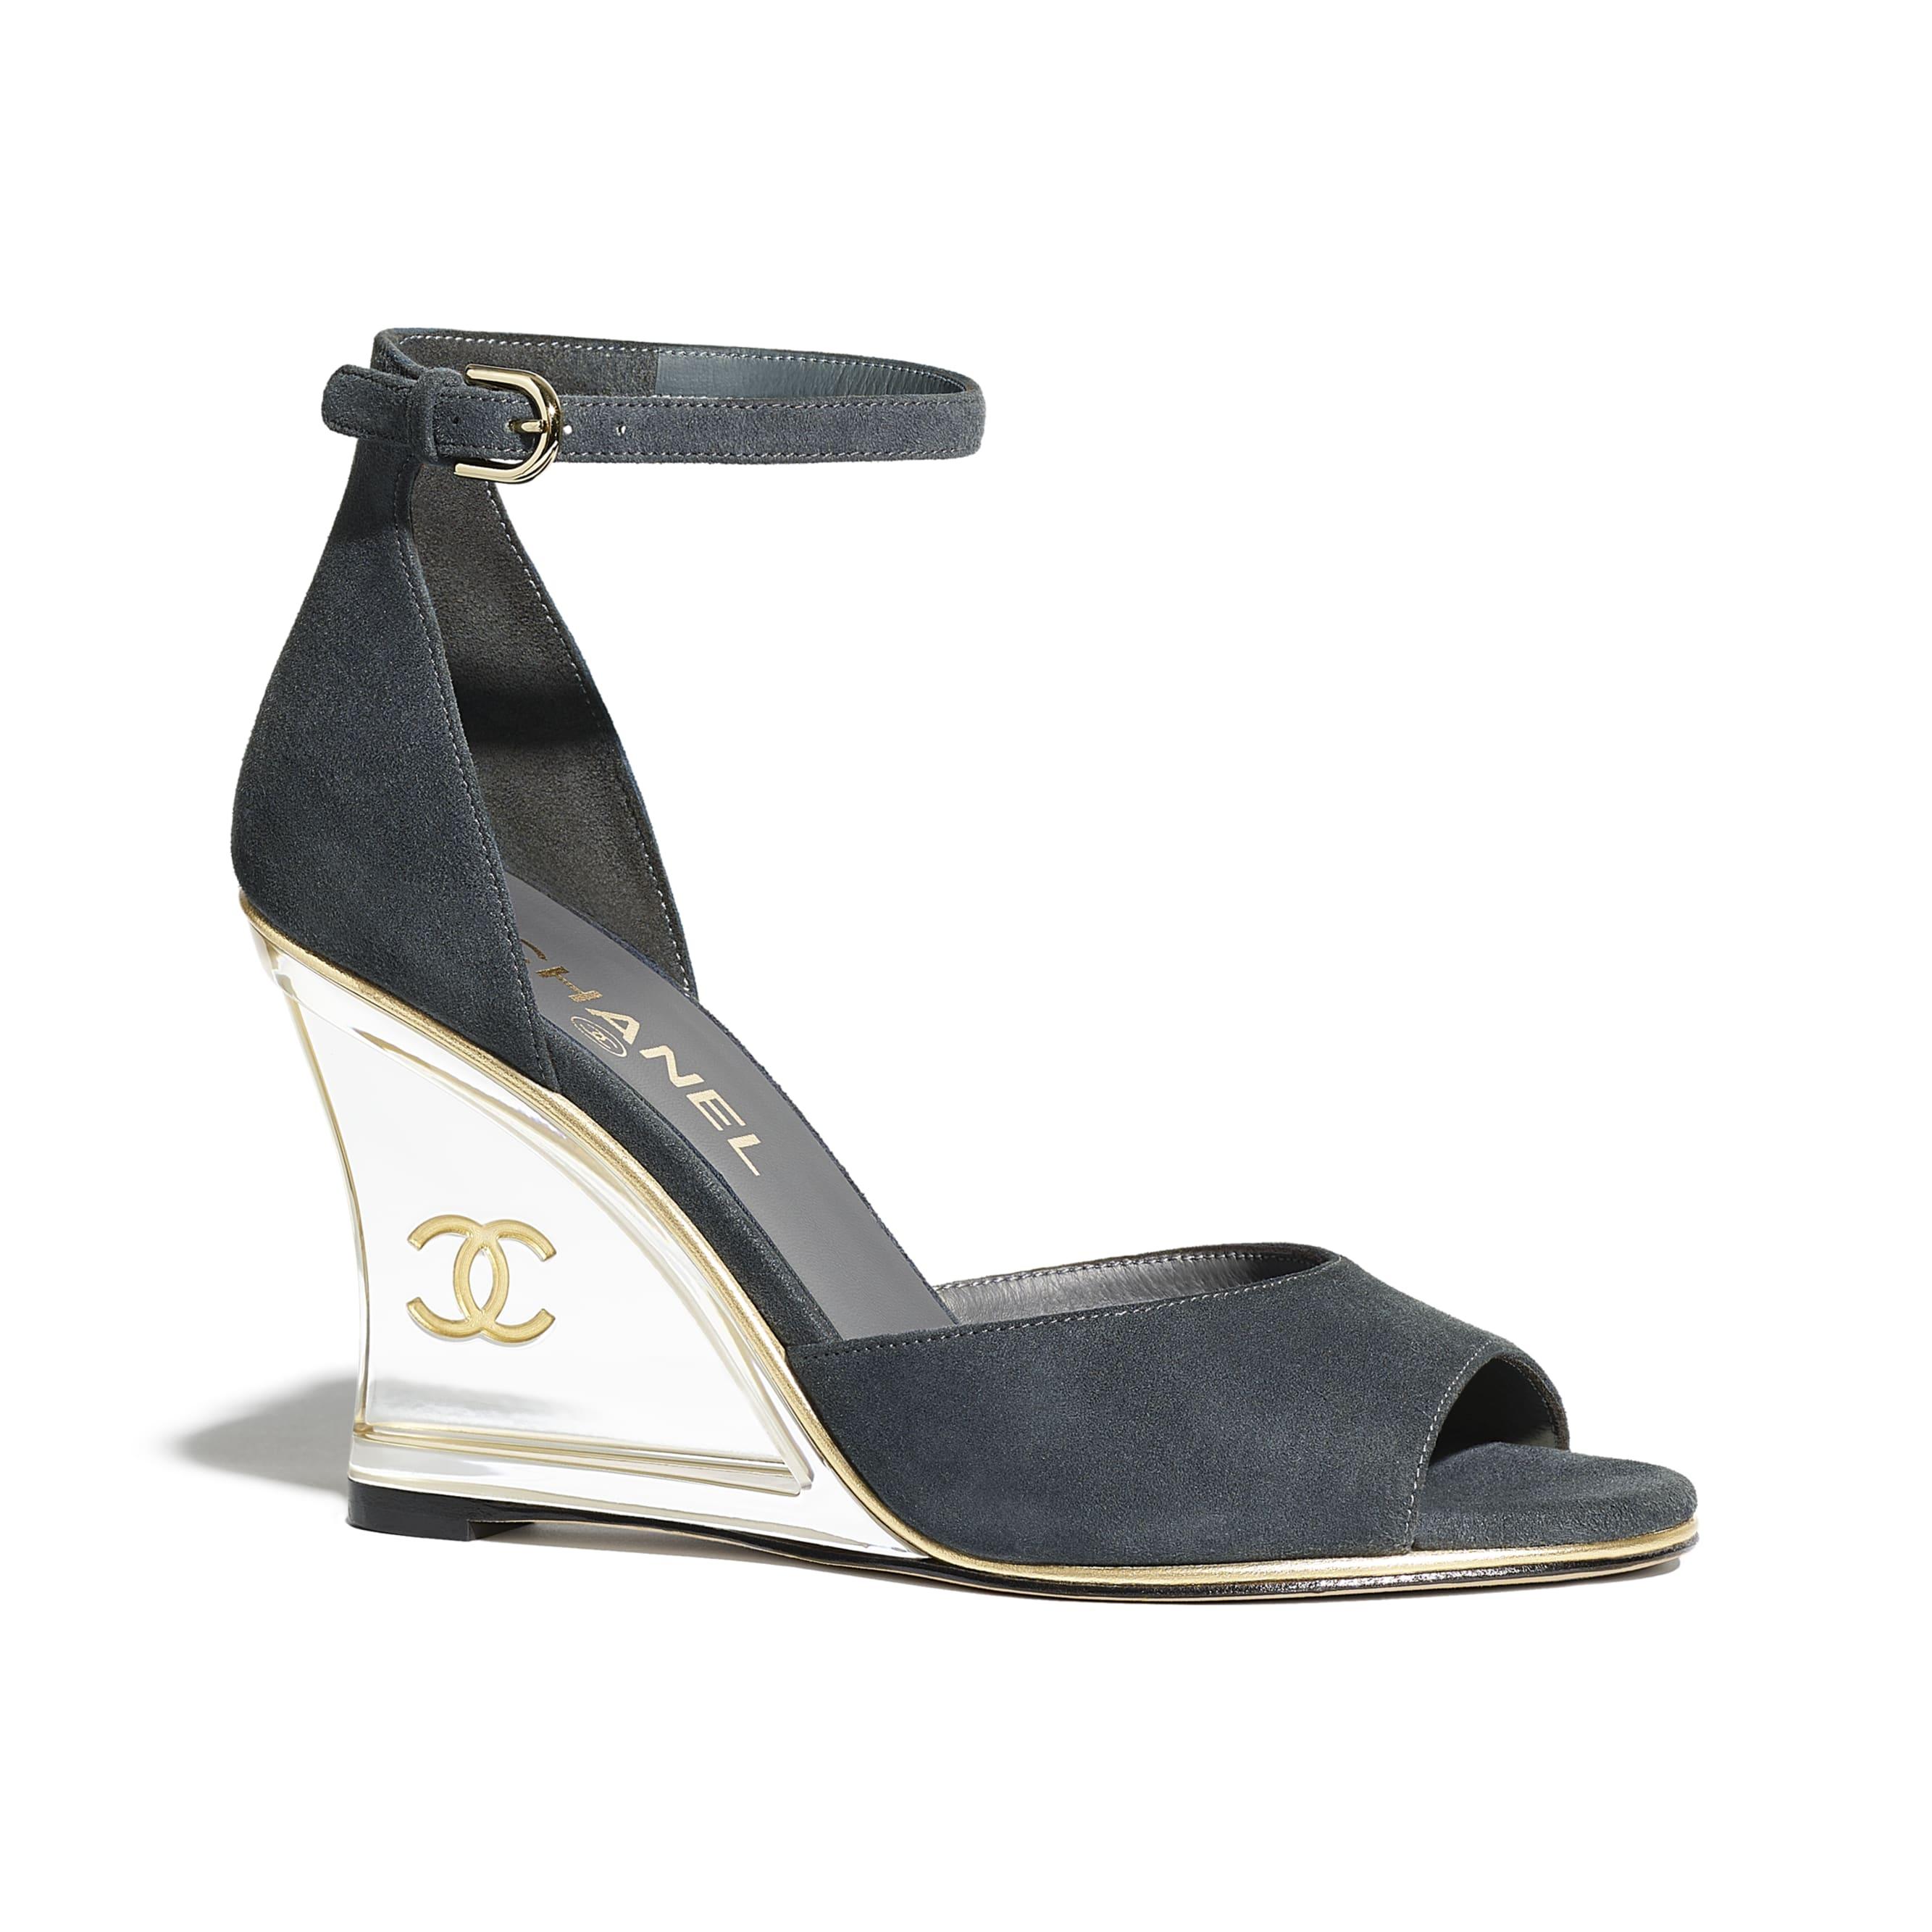 Sandals - Dark Grey - Suede Kidskin - Default view - see standard sized version